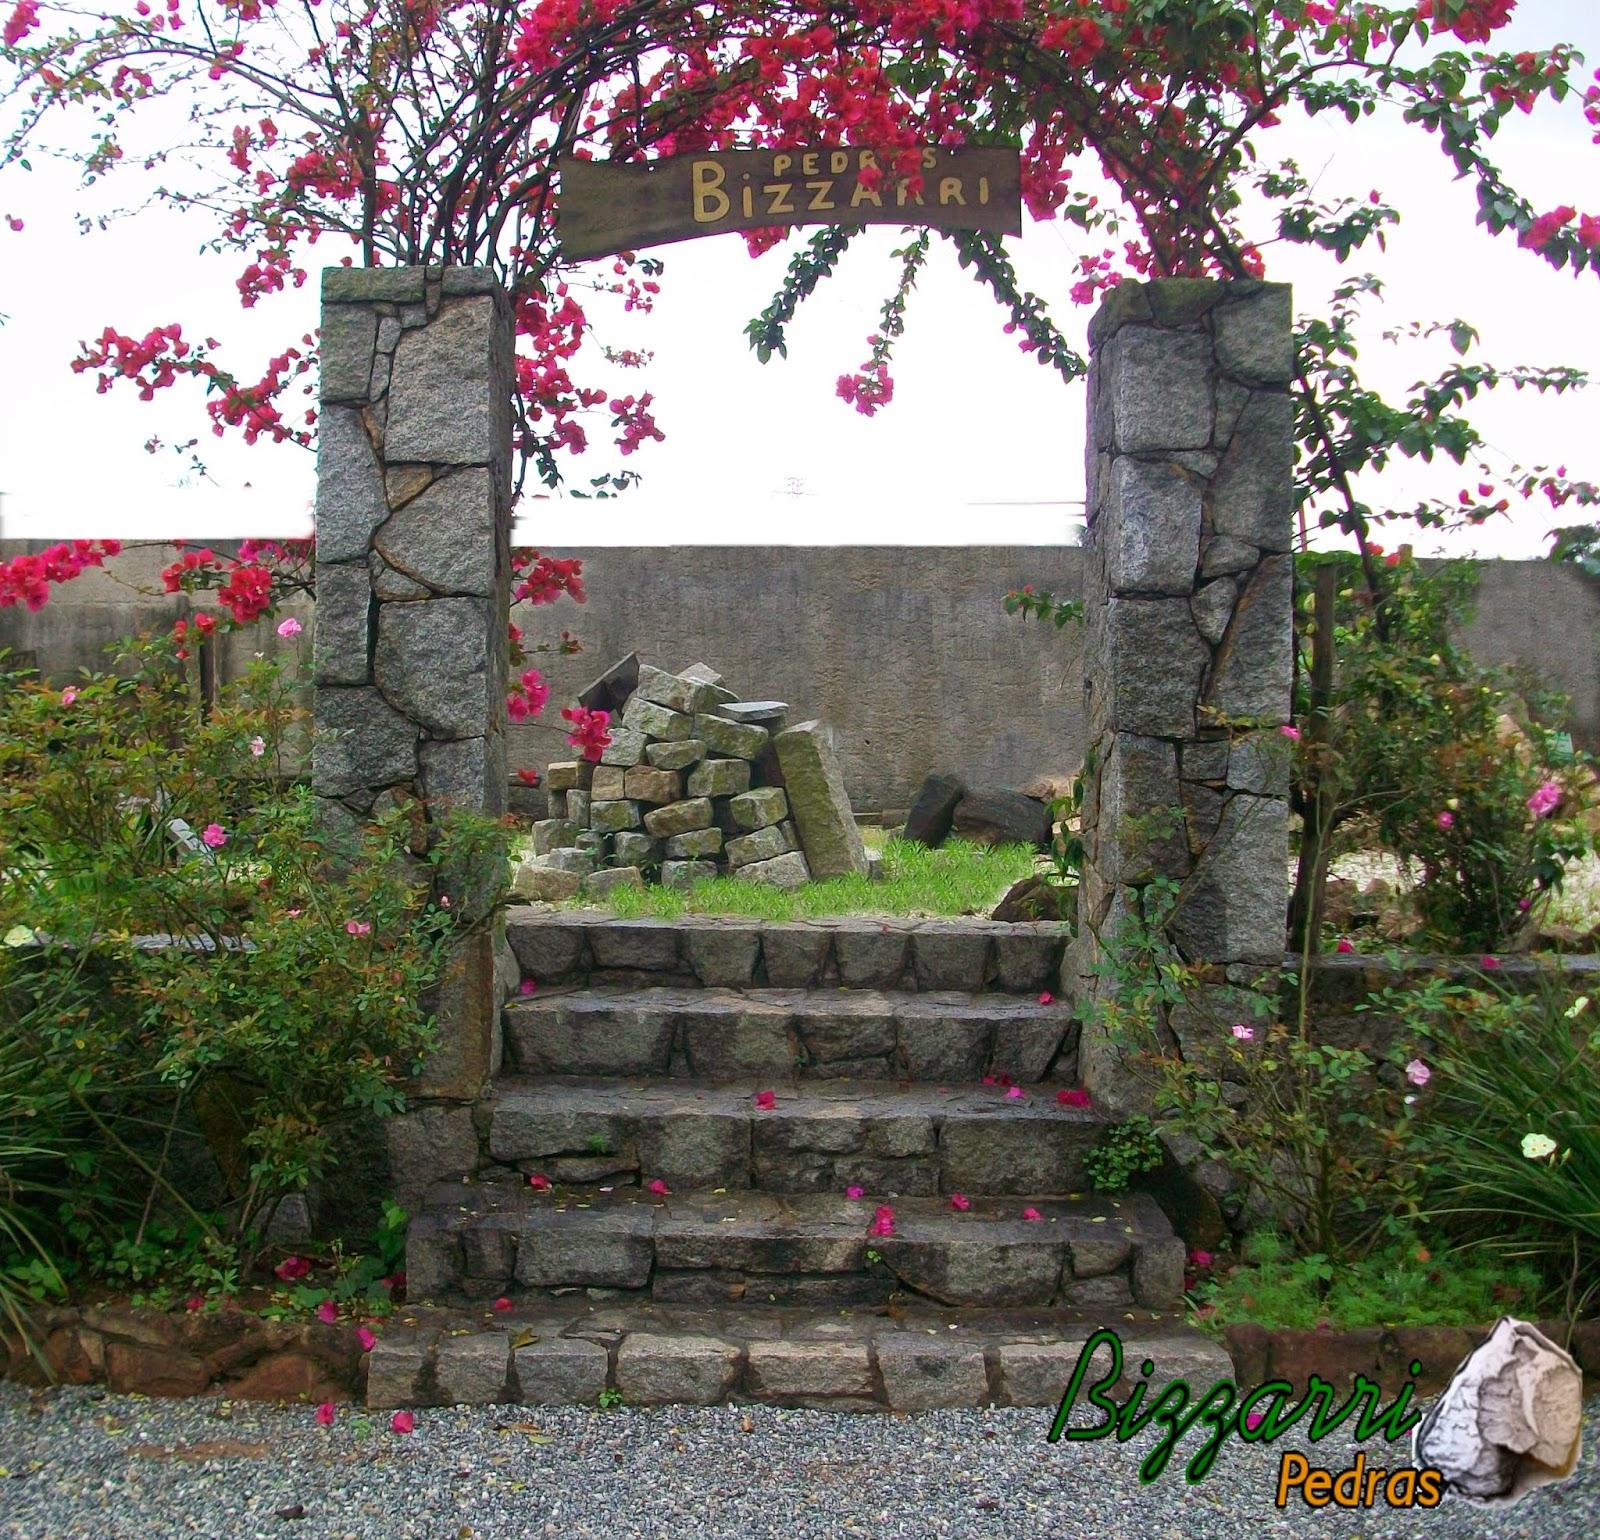 Calçamento da rua com pedra com pedrisco junto a escada de pedra rústica com o pórtico de pedra rústica com a execução do paisagismo.